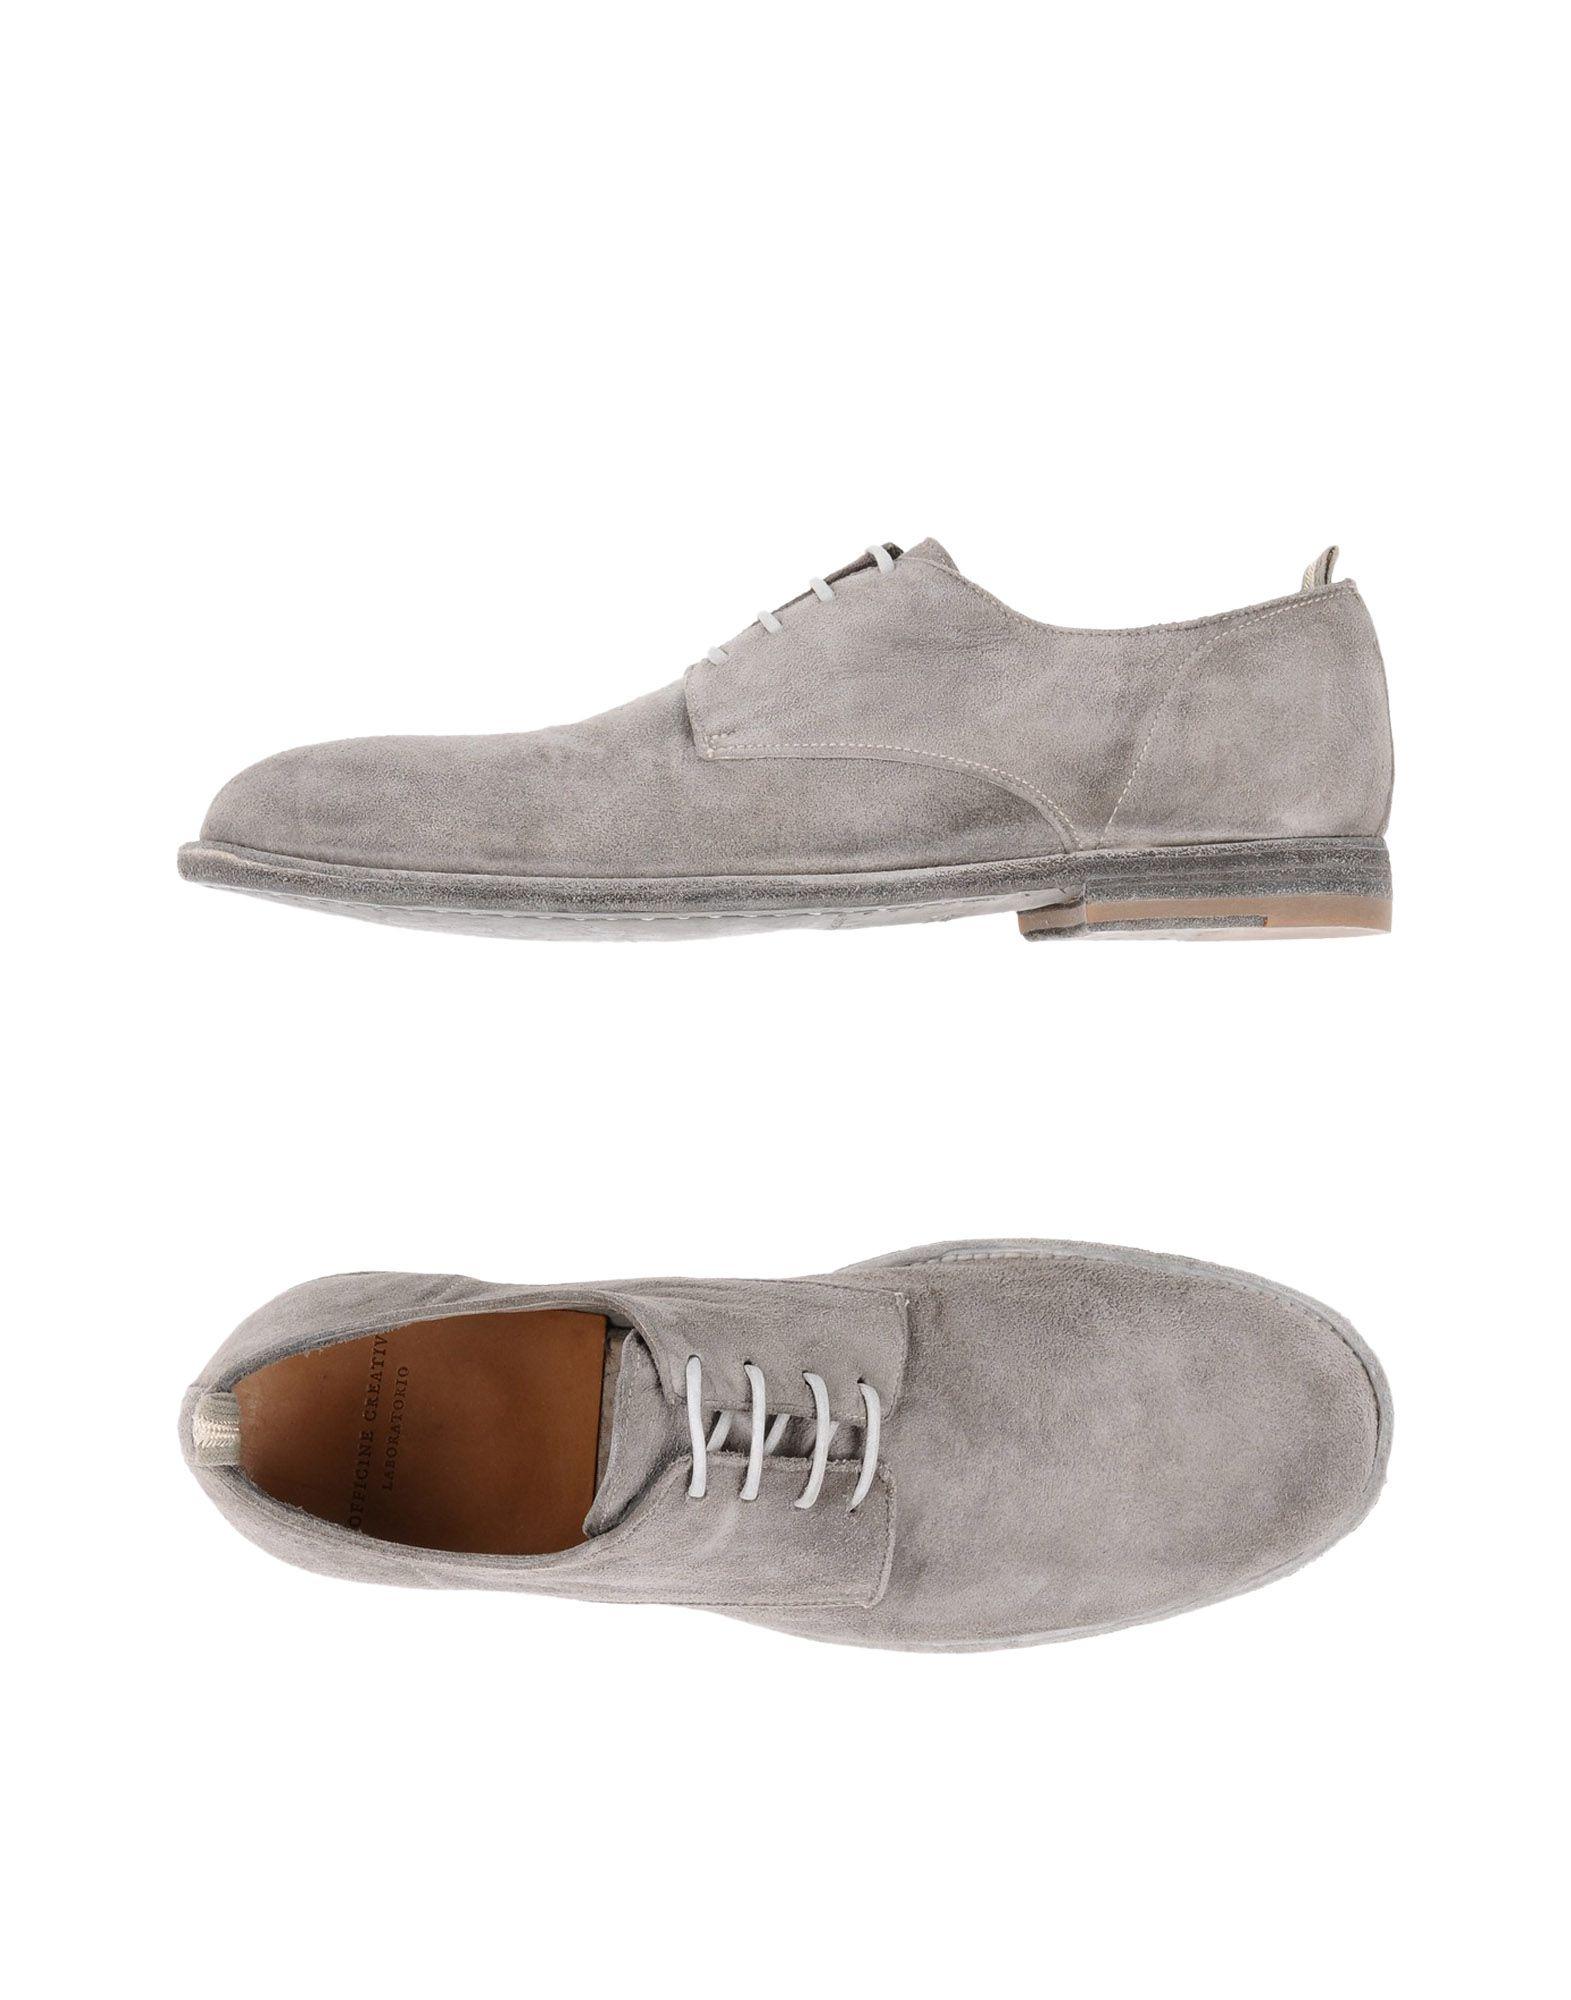 Officine Creative Italia Schnürschuhe Herren  11333108OX Gute Qualität beliebte Schuhe